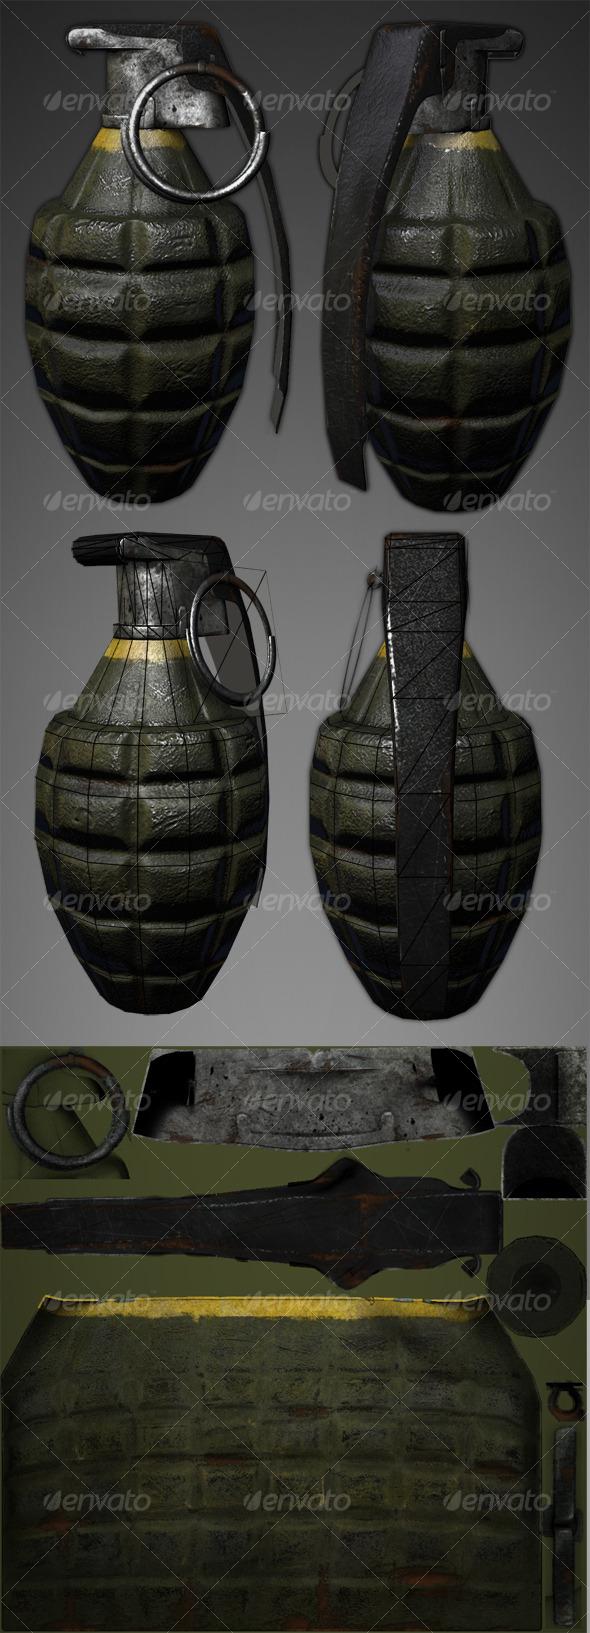 3DOcean Lowpoly Pineapple Grenade 127501